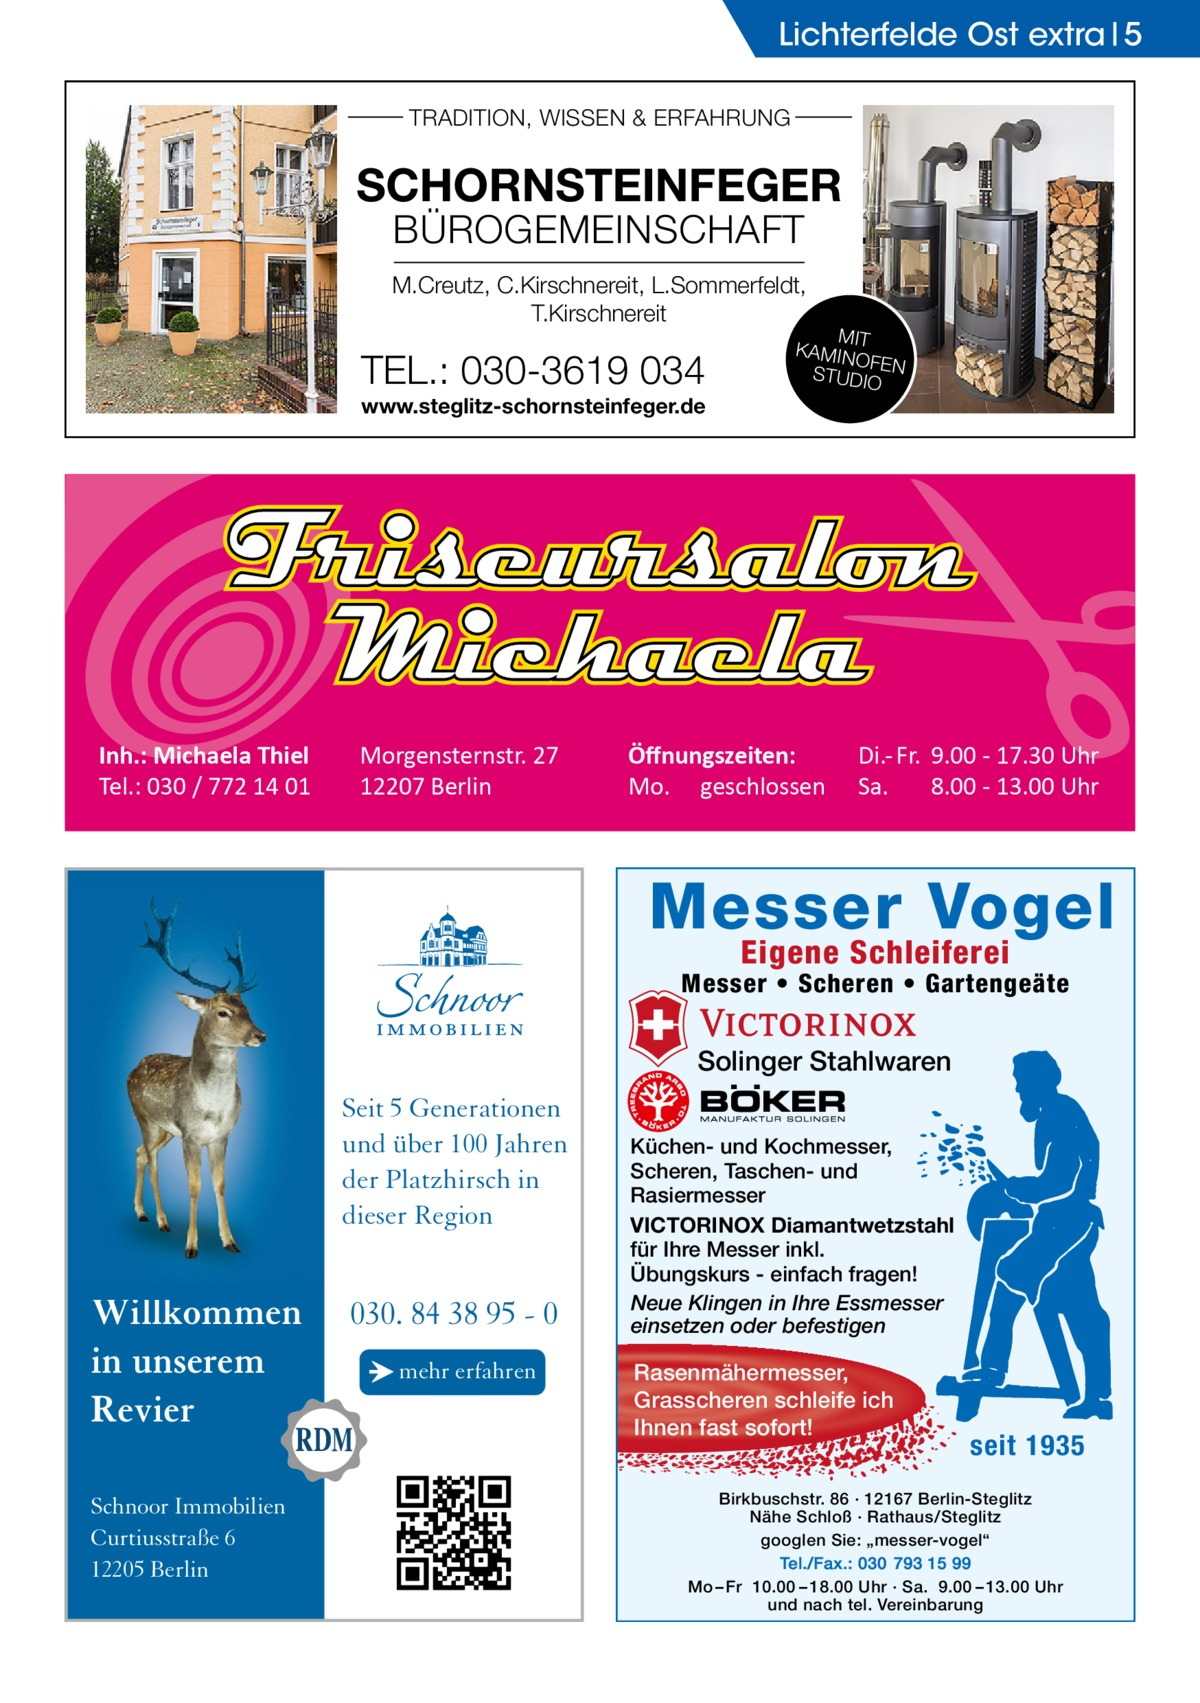 """Lichterfelde Ost extra 5 TRADITION, WISSEN & ERFAHRUNG  SCHORNSTEINFEGER BÜROGEMEINSCHAFT  M.Creutz, C.Kirschnereit, L.Sommerfeldt, T.Kirschnereit  TEL.: 030-3619 034 www.steglitz-schornsteinfeger.de  Inh.: Michaela Thiel Tel.: 030 / 772 14 01  Morgensternstr. 27 12207 Berlin  MIT KAMIN OF STUDIOEN  Öffnungszeiten: Mo. geschlossen  Di.- Fr. 9.00 - 17.30 Uhr Sa. 8.00 - 13.00 Uhr  Messer Vogel Eigene Schleiferei  Messer • Scheren • Gartengeäte  Solinger Stahlwaren  Seit 5 Generationen und über 100 Jahren der Platzhirsch in dieser Region  Willkommen in unserem Revier Schnoor Immobilien Curtiusstraße 6 12205 Berlin  030. 84 38 95 - 0 → mehr erfahren  Küchen- und Kochmesser, Scheren, Taschen- und Rasiermesser VICTORINOX Diamantwetzstahl für Ihre Messer inkl. Übungskurs - einfach fragen! Neue Klingen in Ihre Essmesser einsetzen oder befestigen  Rasenmähermesser, Grasscheren schleife ich Ihnen fast sofort!  seit 1935  Birkbuschstr. 86 · 12167 Berlin-Steglitz Nähe Schloß · Rathaus/Steglitz googlen Sie: """"messer-vogel"""" Tel./Fax.: 030 793 15 99 Mo – Fr 10.00 – 18.00 Uhr · Sa. 9.00 – 13.00 Uhr und nach tel. Vereinbarung"""